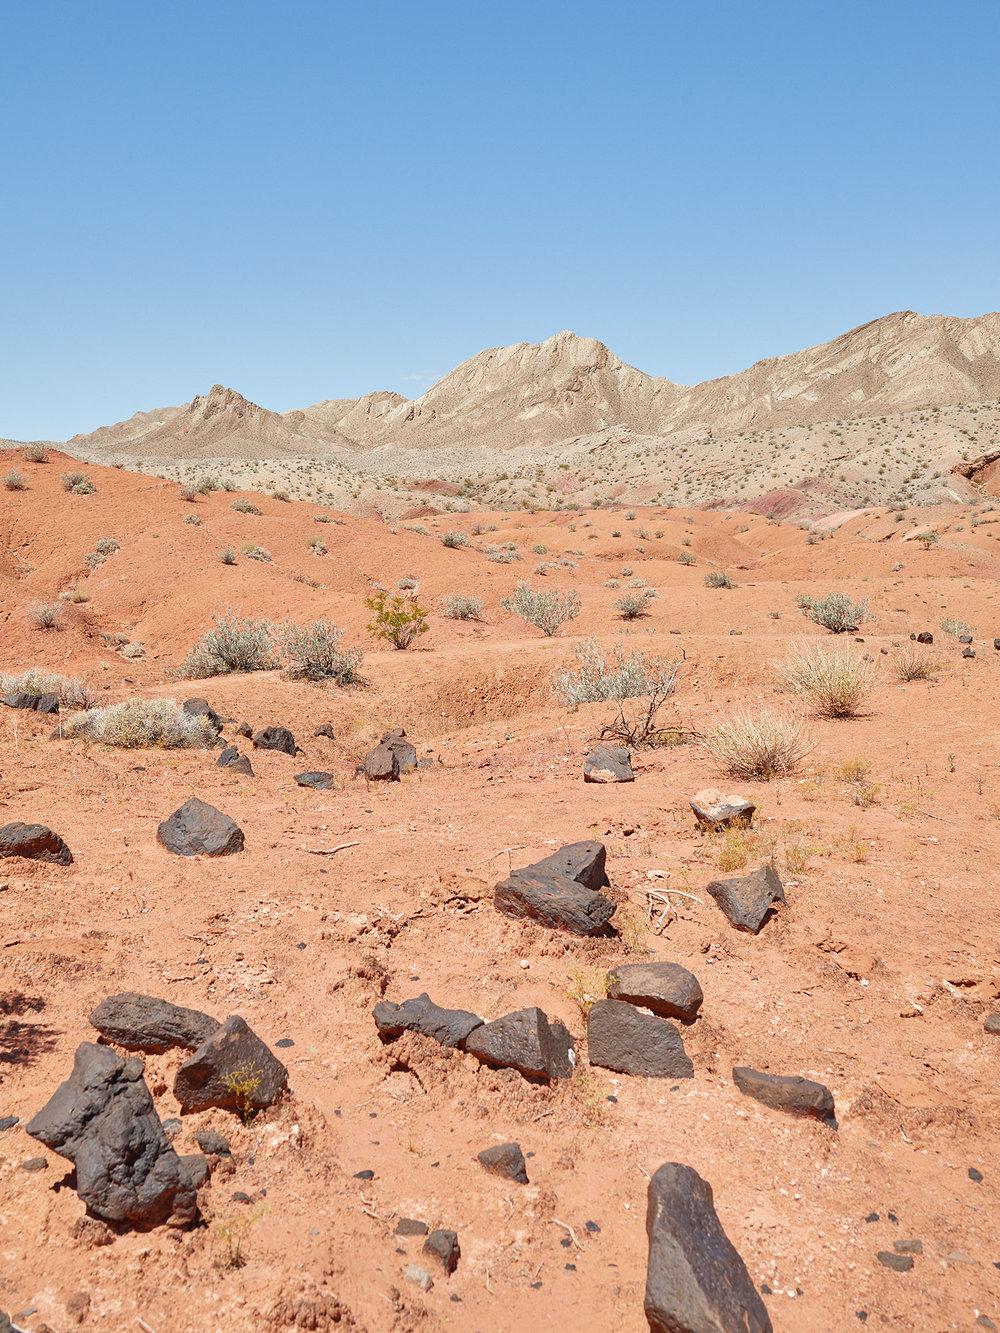 A Mars-like Nevada Landscape